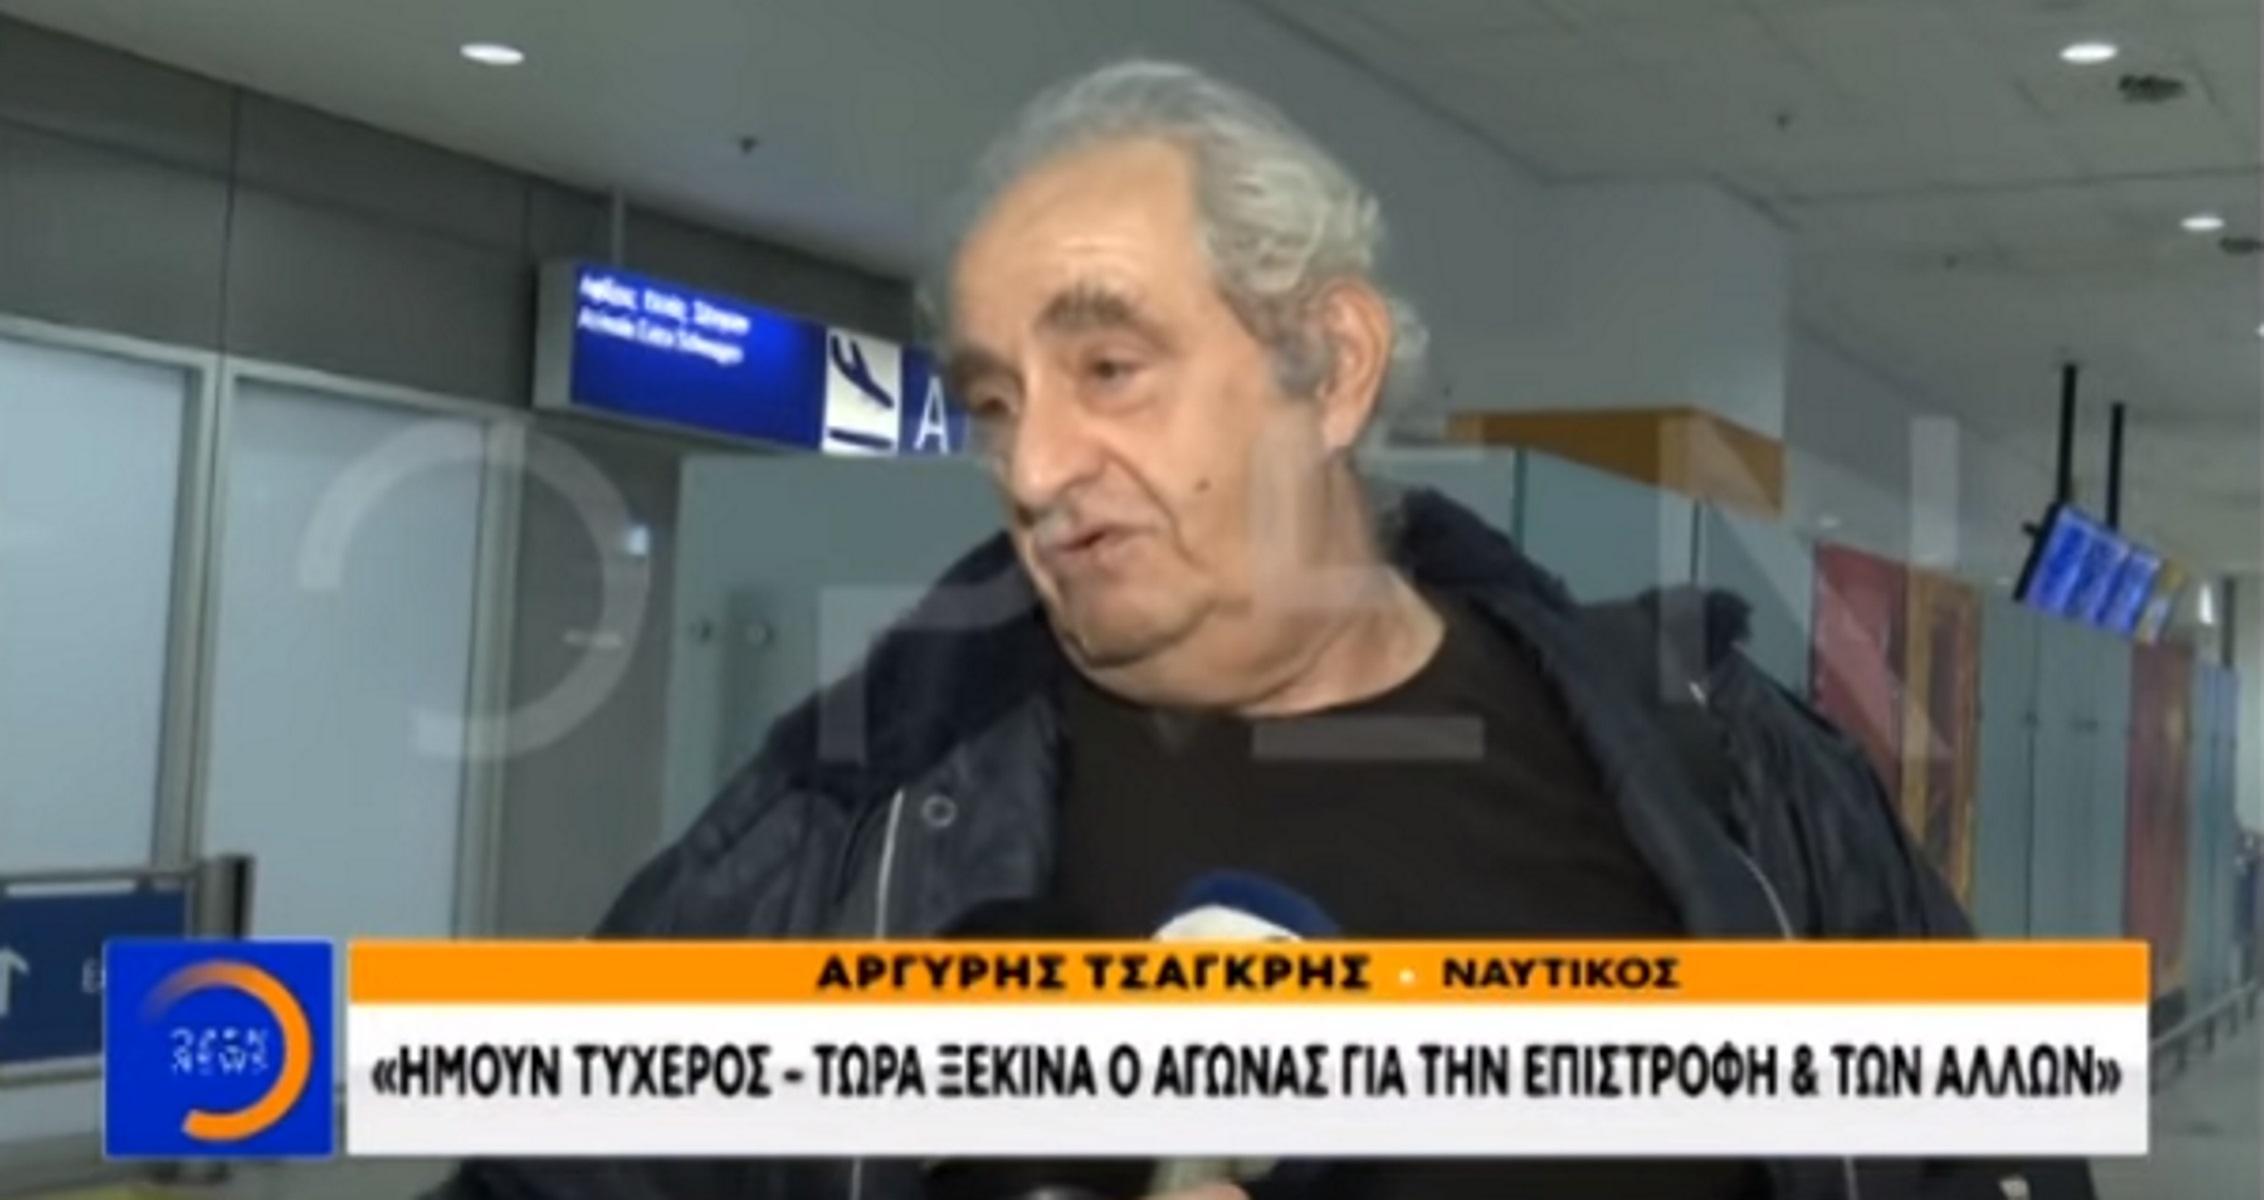 Στην Ελλάδα ο υποπλοίαρχος που ήταν όμηρος στο Τζιμπουτί [Video]